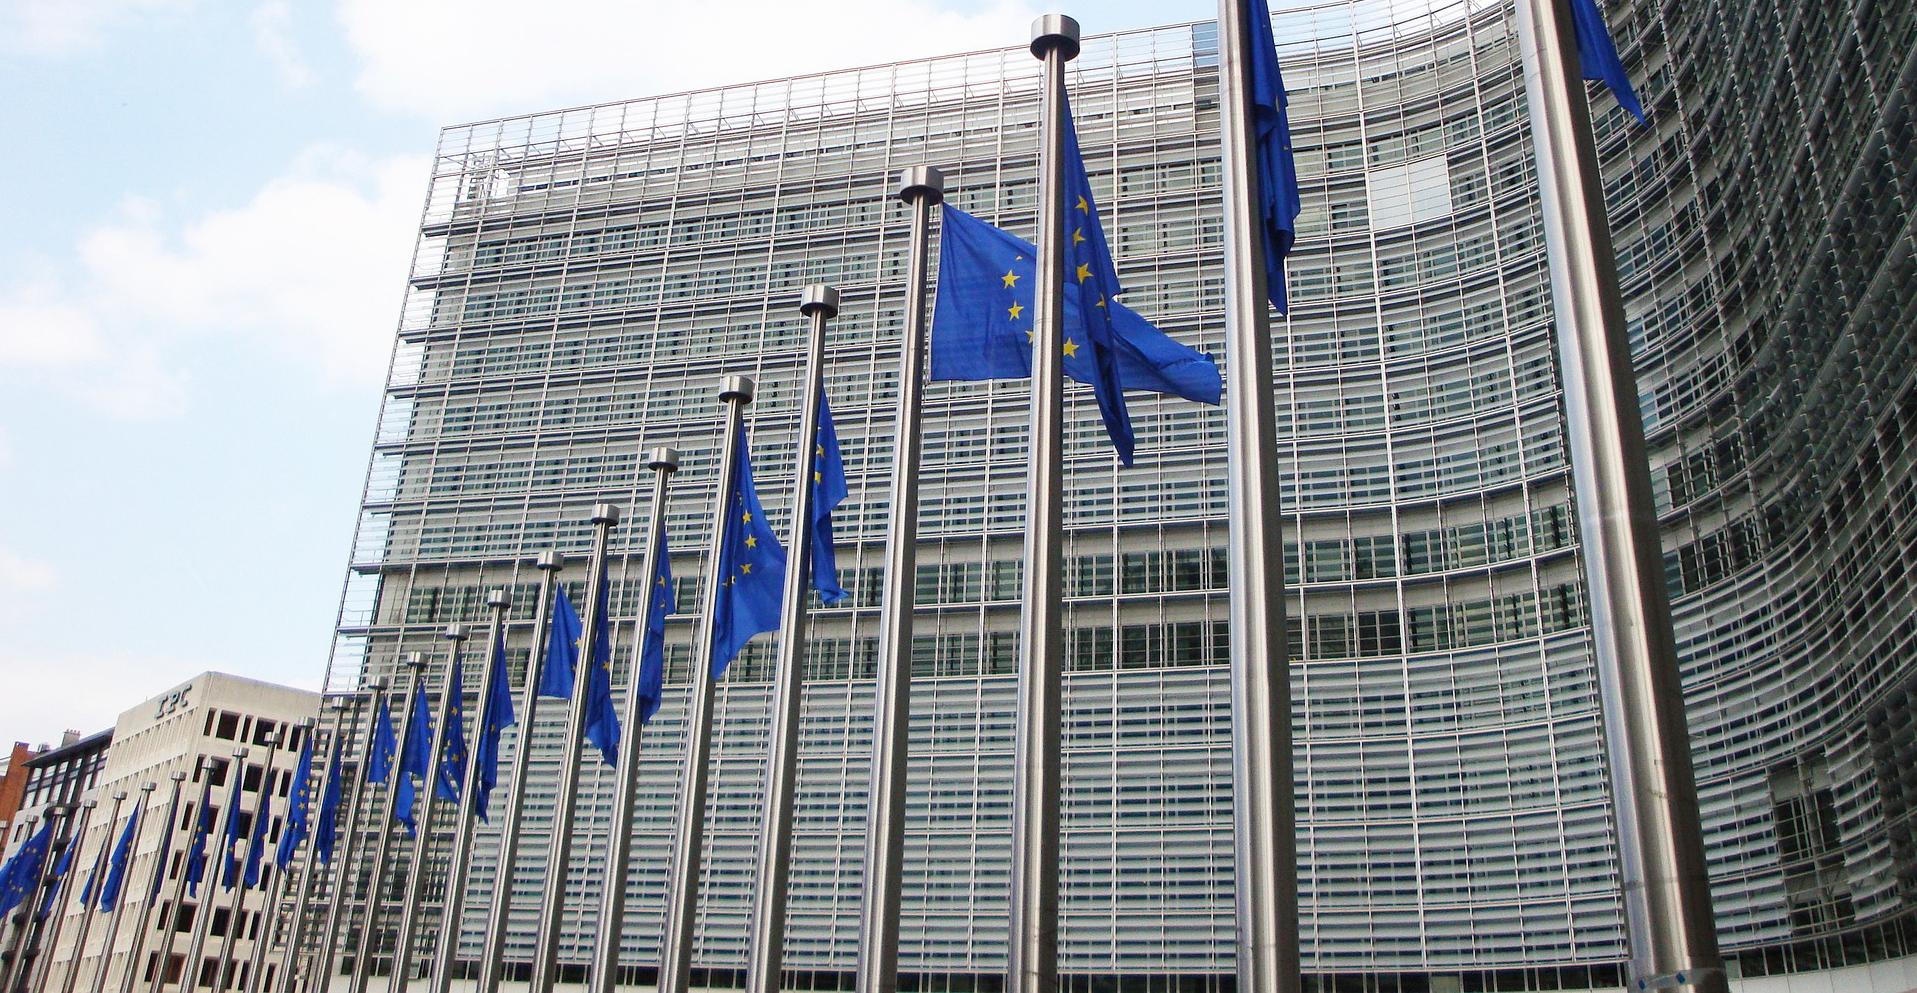 Perspectivas, estrategias y desafíos de la Unión Europea: Conflictos y amenazas para la seguridad en un contexto global